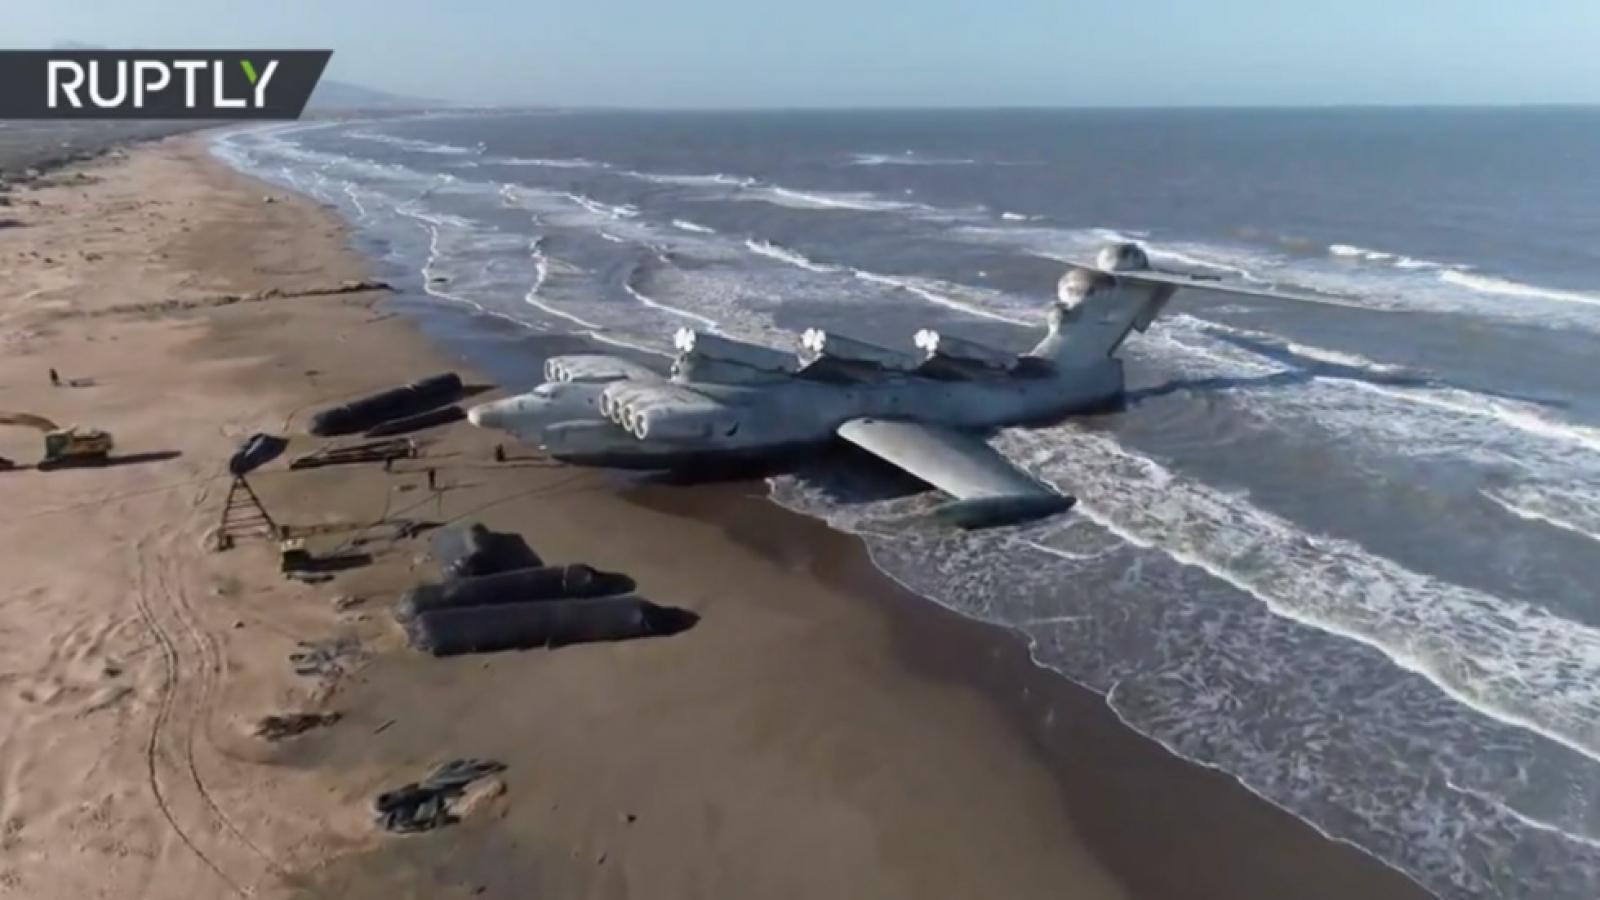 """""""Quái vật biển Caspian"""" được đưa tới nơi xây dựng công viên quân sự"""